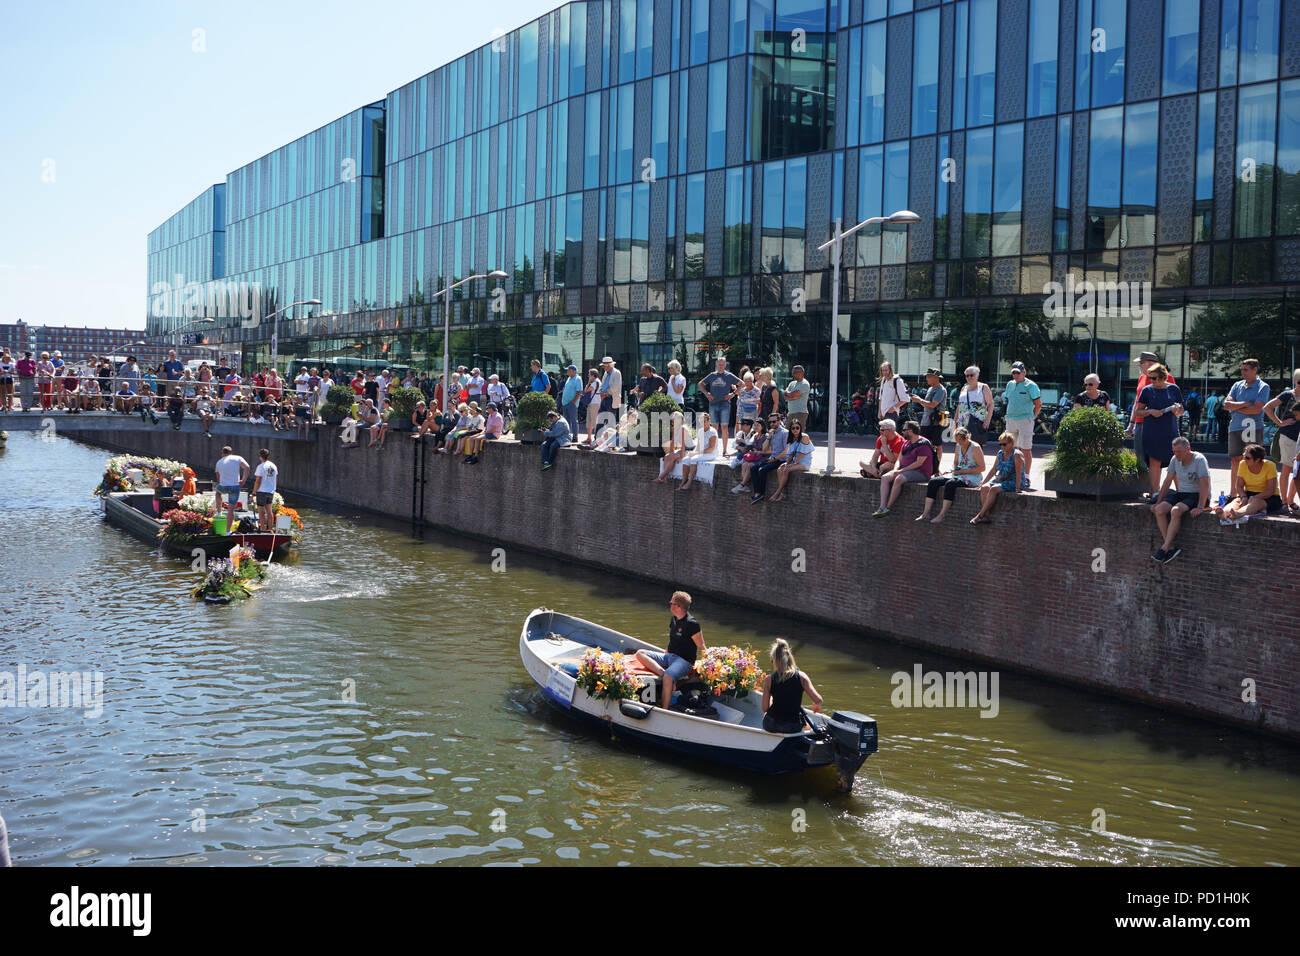 Paesi bassi,Delft-5 agosto 2018:Westland sfilata di barche (Varend Corso),festoso spettacolo,barche decorate con fiori e verdure, coloratissimi fiori di vela parade nella regione di Westland Credito: SkandaRamana/Alamy Live News Immagini Stock